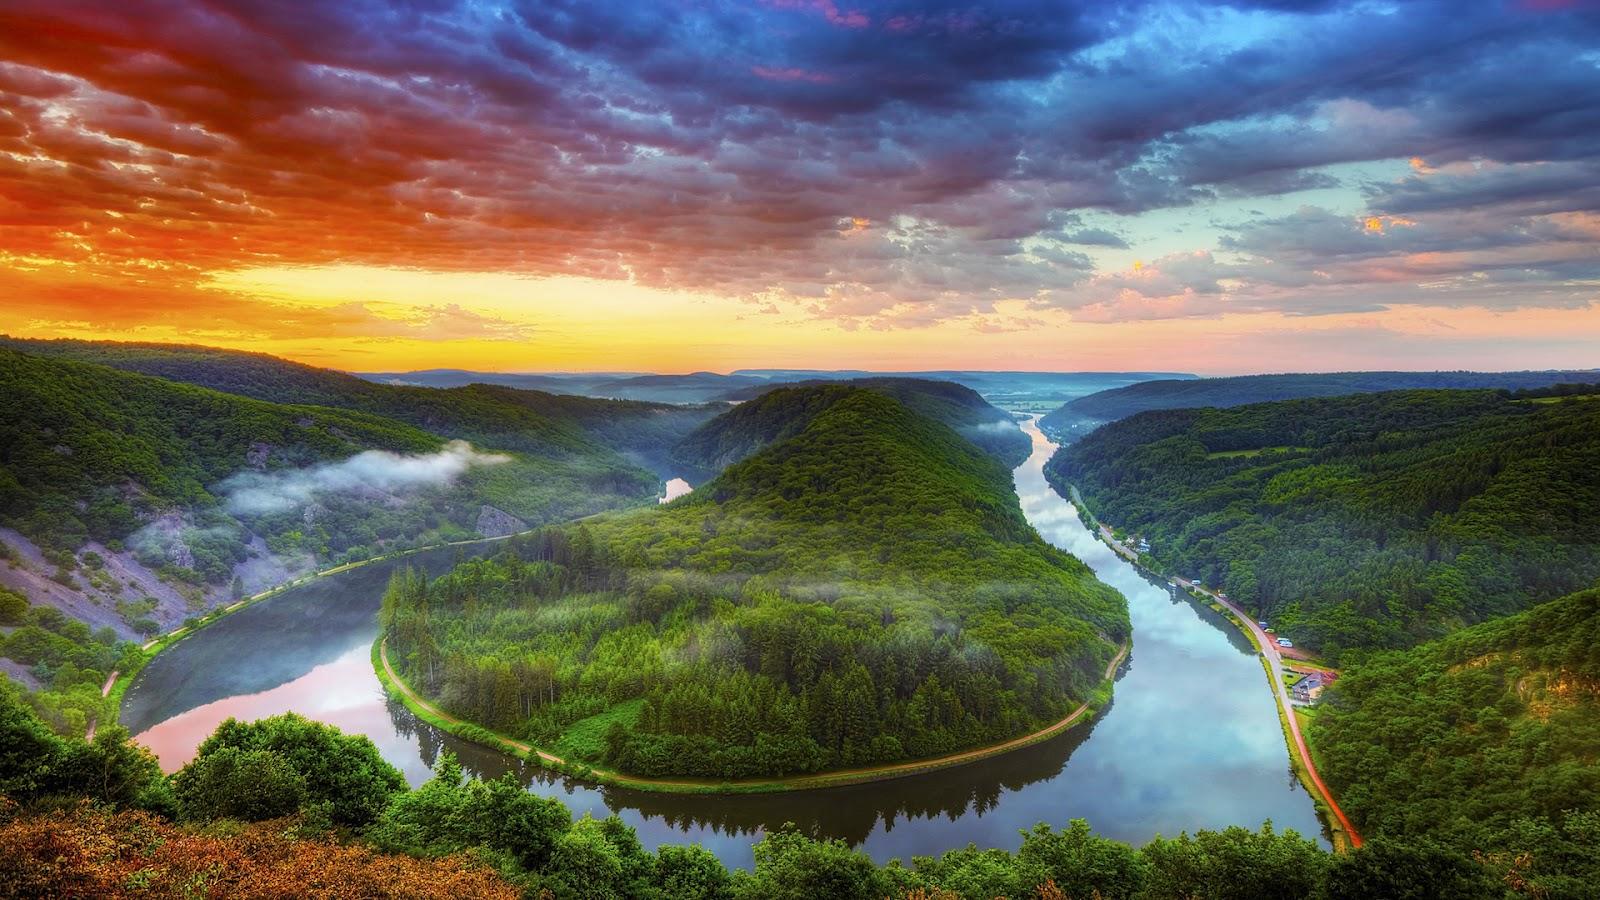 Sfondo hd paesaggio naturale fiume sfondi hd gratis for Sfondi hd natura